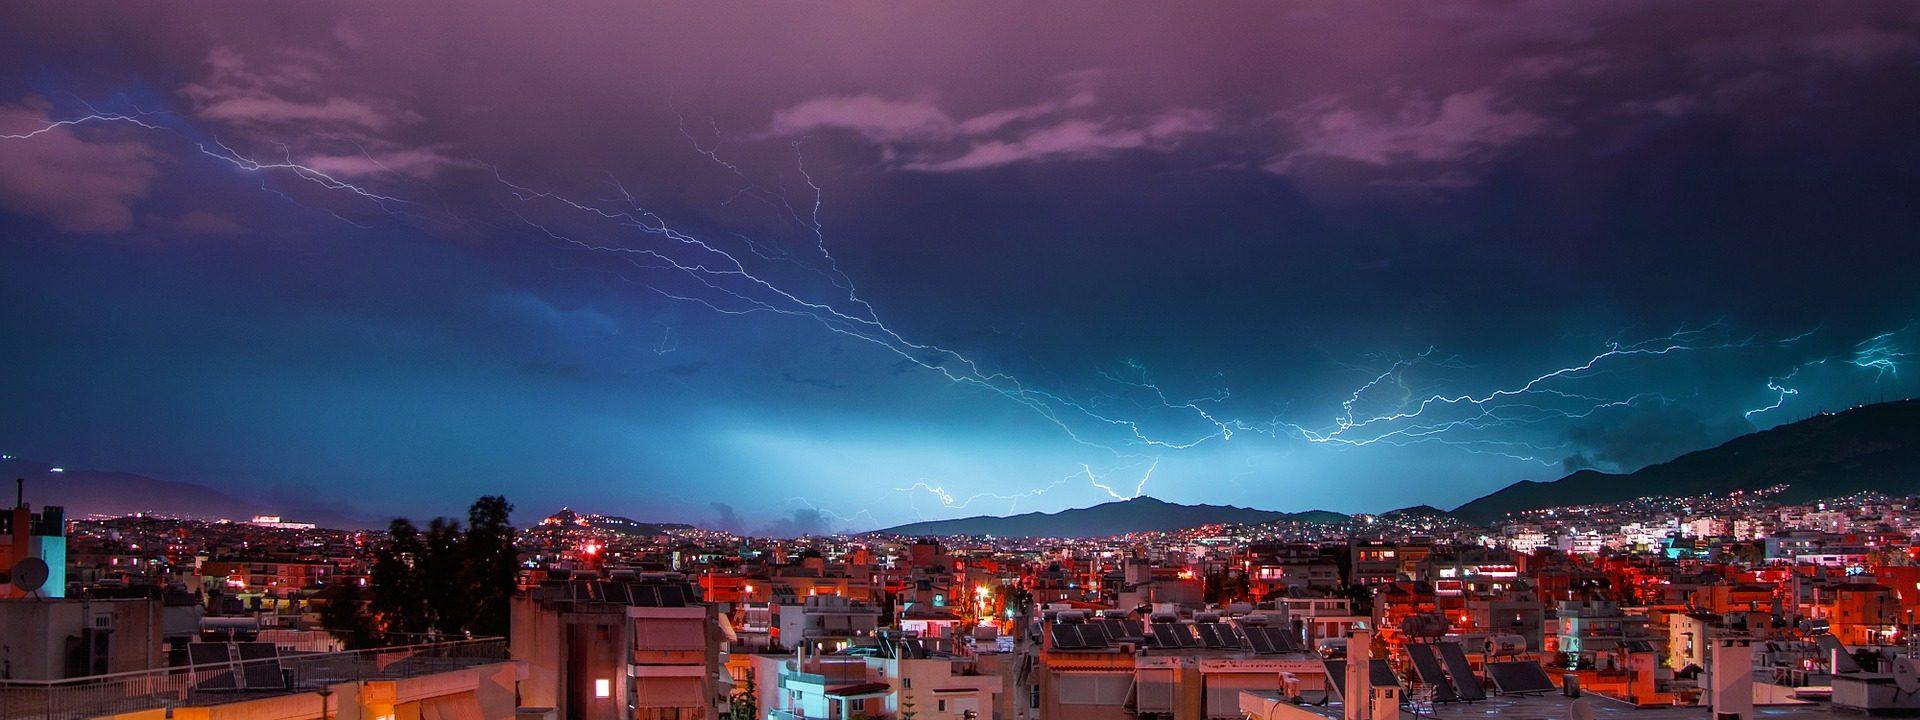 市, 夜, ライト, 嵐, 光線, relámpagos - HD の壁紙 - 教授-falken.com